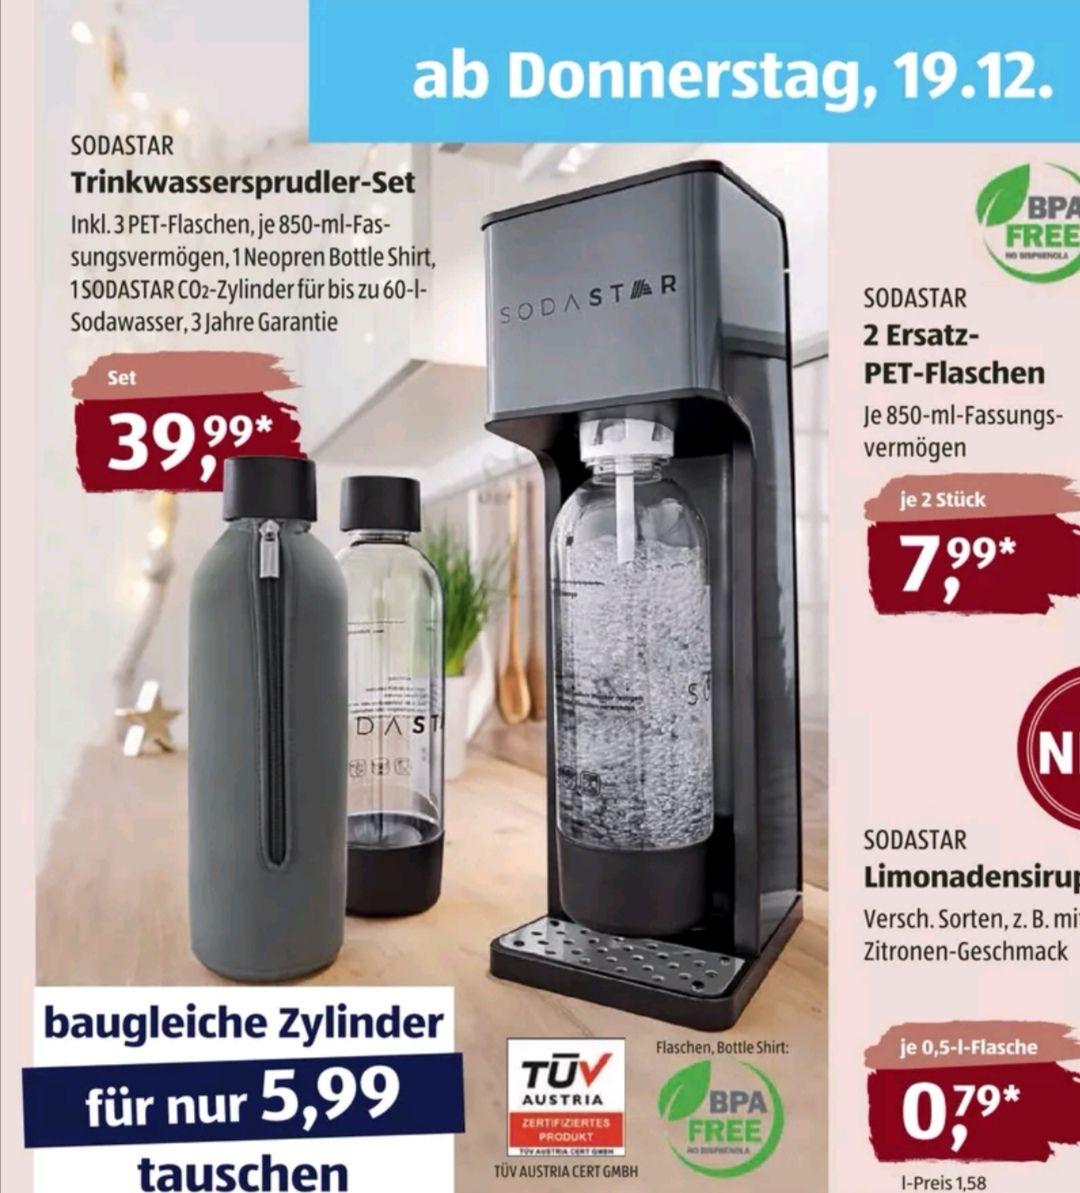 SODASTAR Trinkwassersprudler-Set bei Aldi Süd ab 19.12.